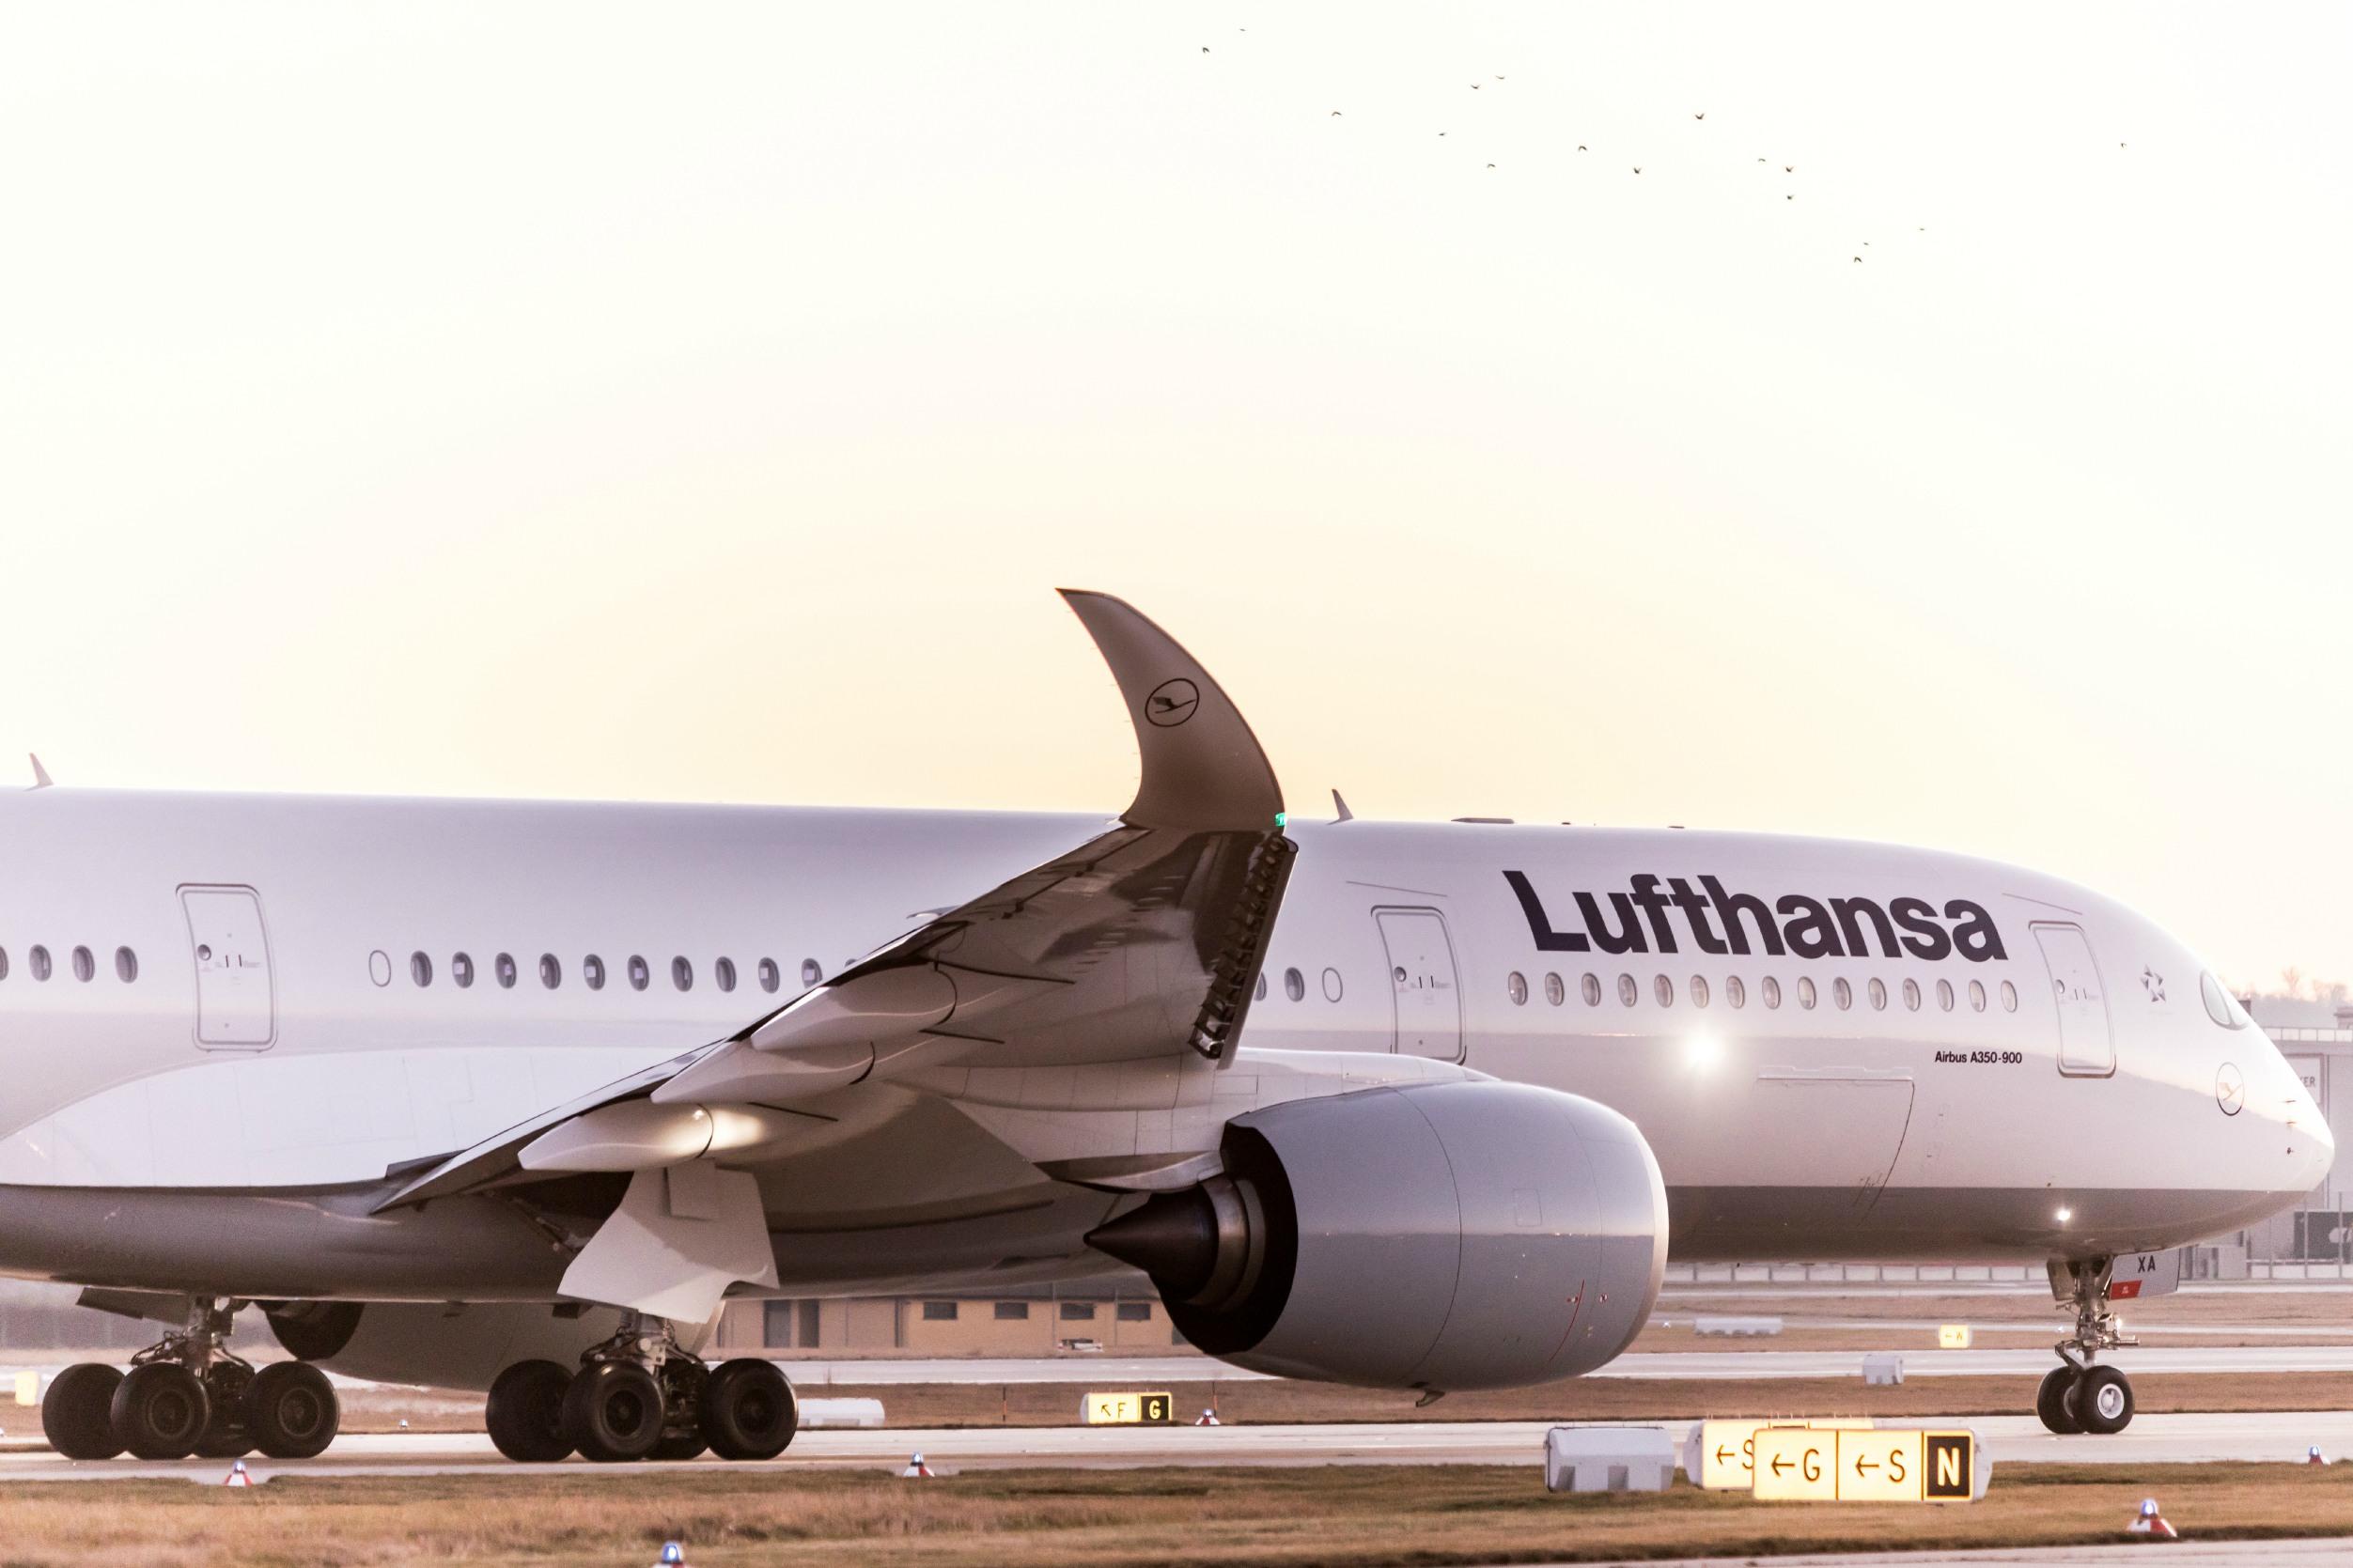 Lufthansa adquiere 40 nuevos aviones | Aviación 21